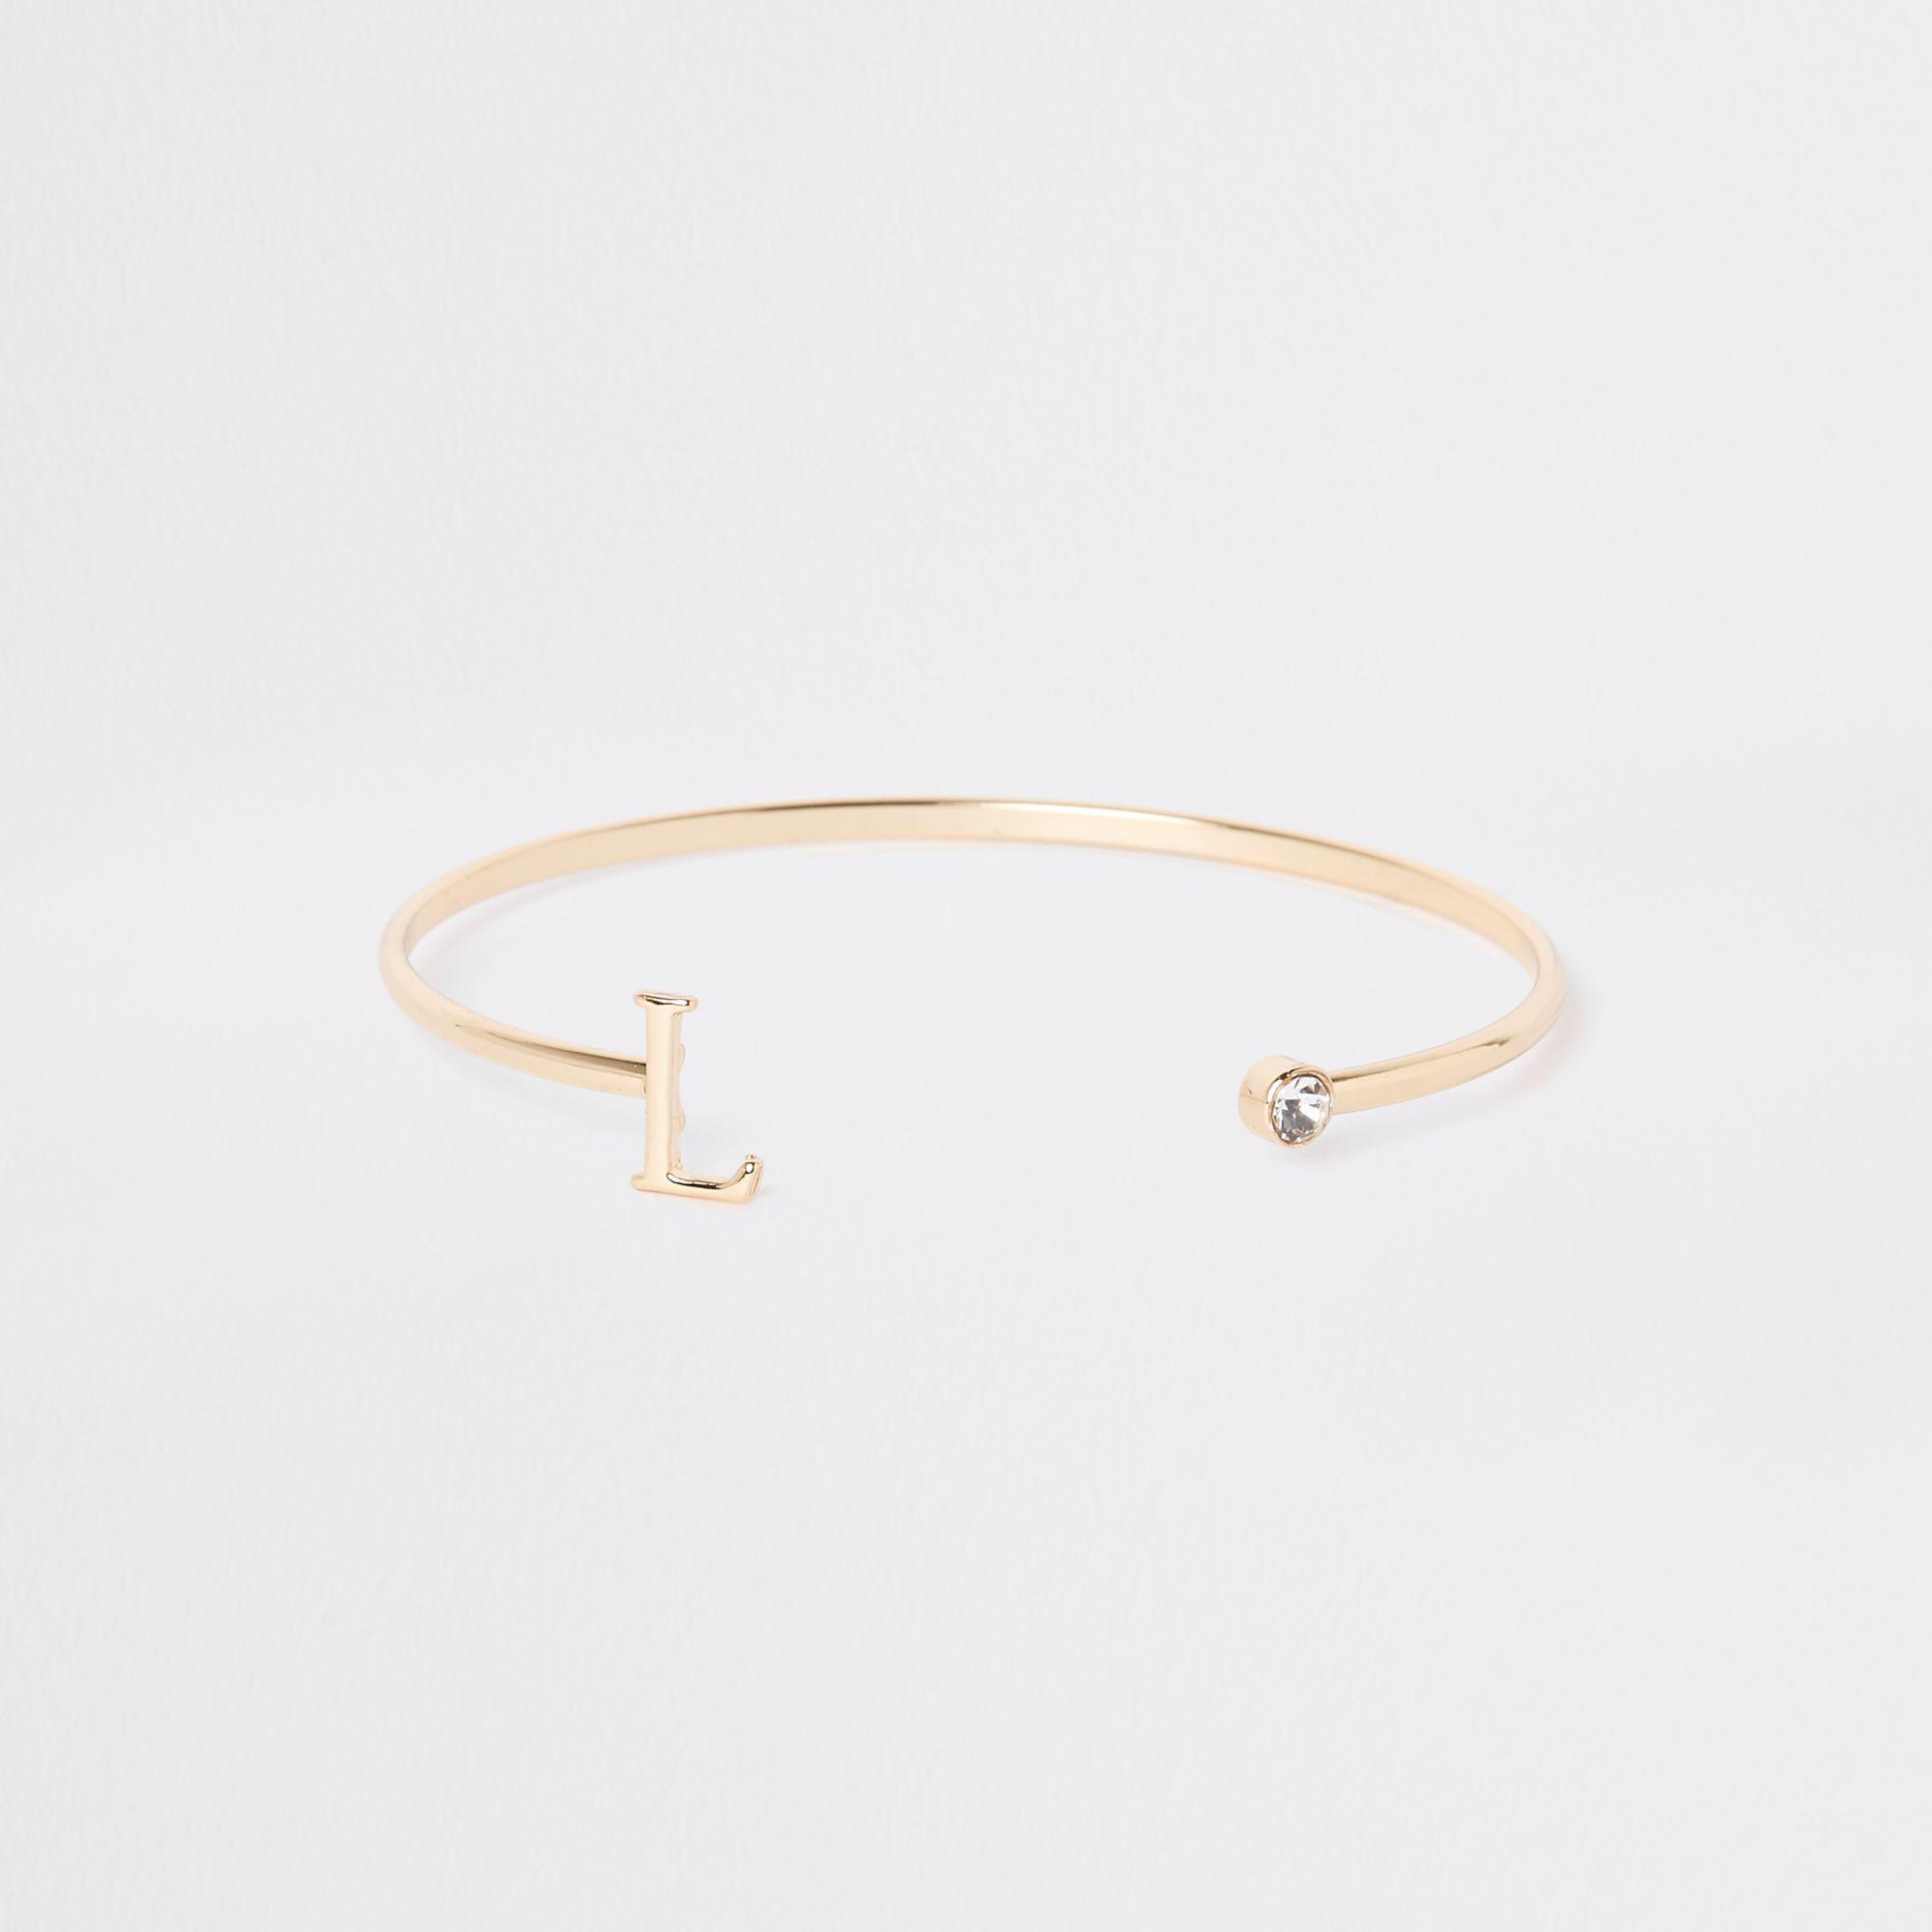 1db7da45d33 Lyst - River Island Gold Plated 'l' Initial Cuff Bracelet in Metallic